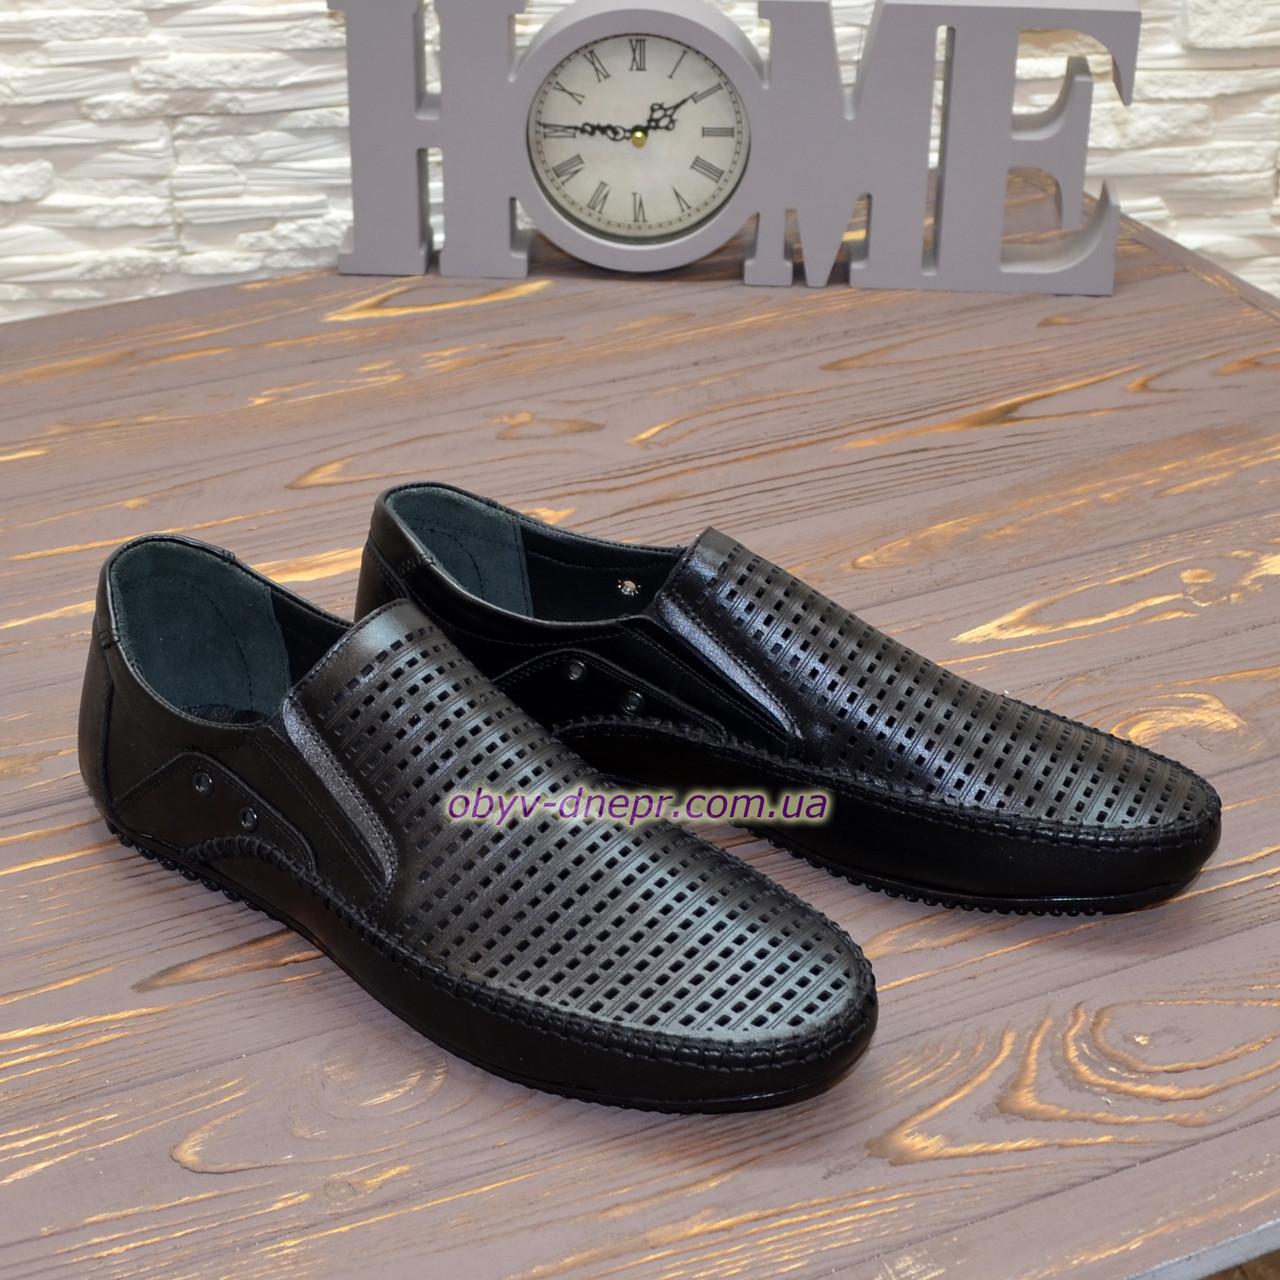 Туфли летние мужские кожаные черные.